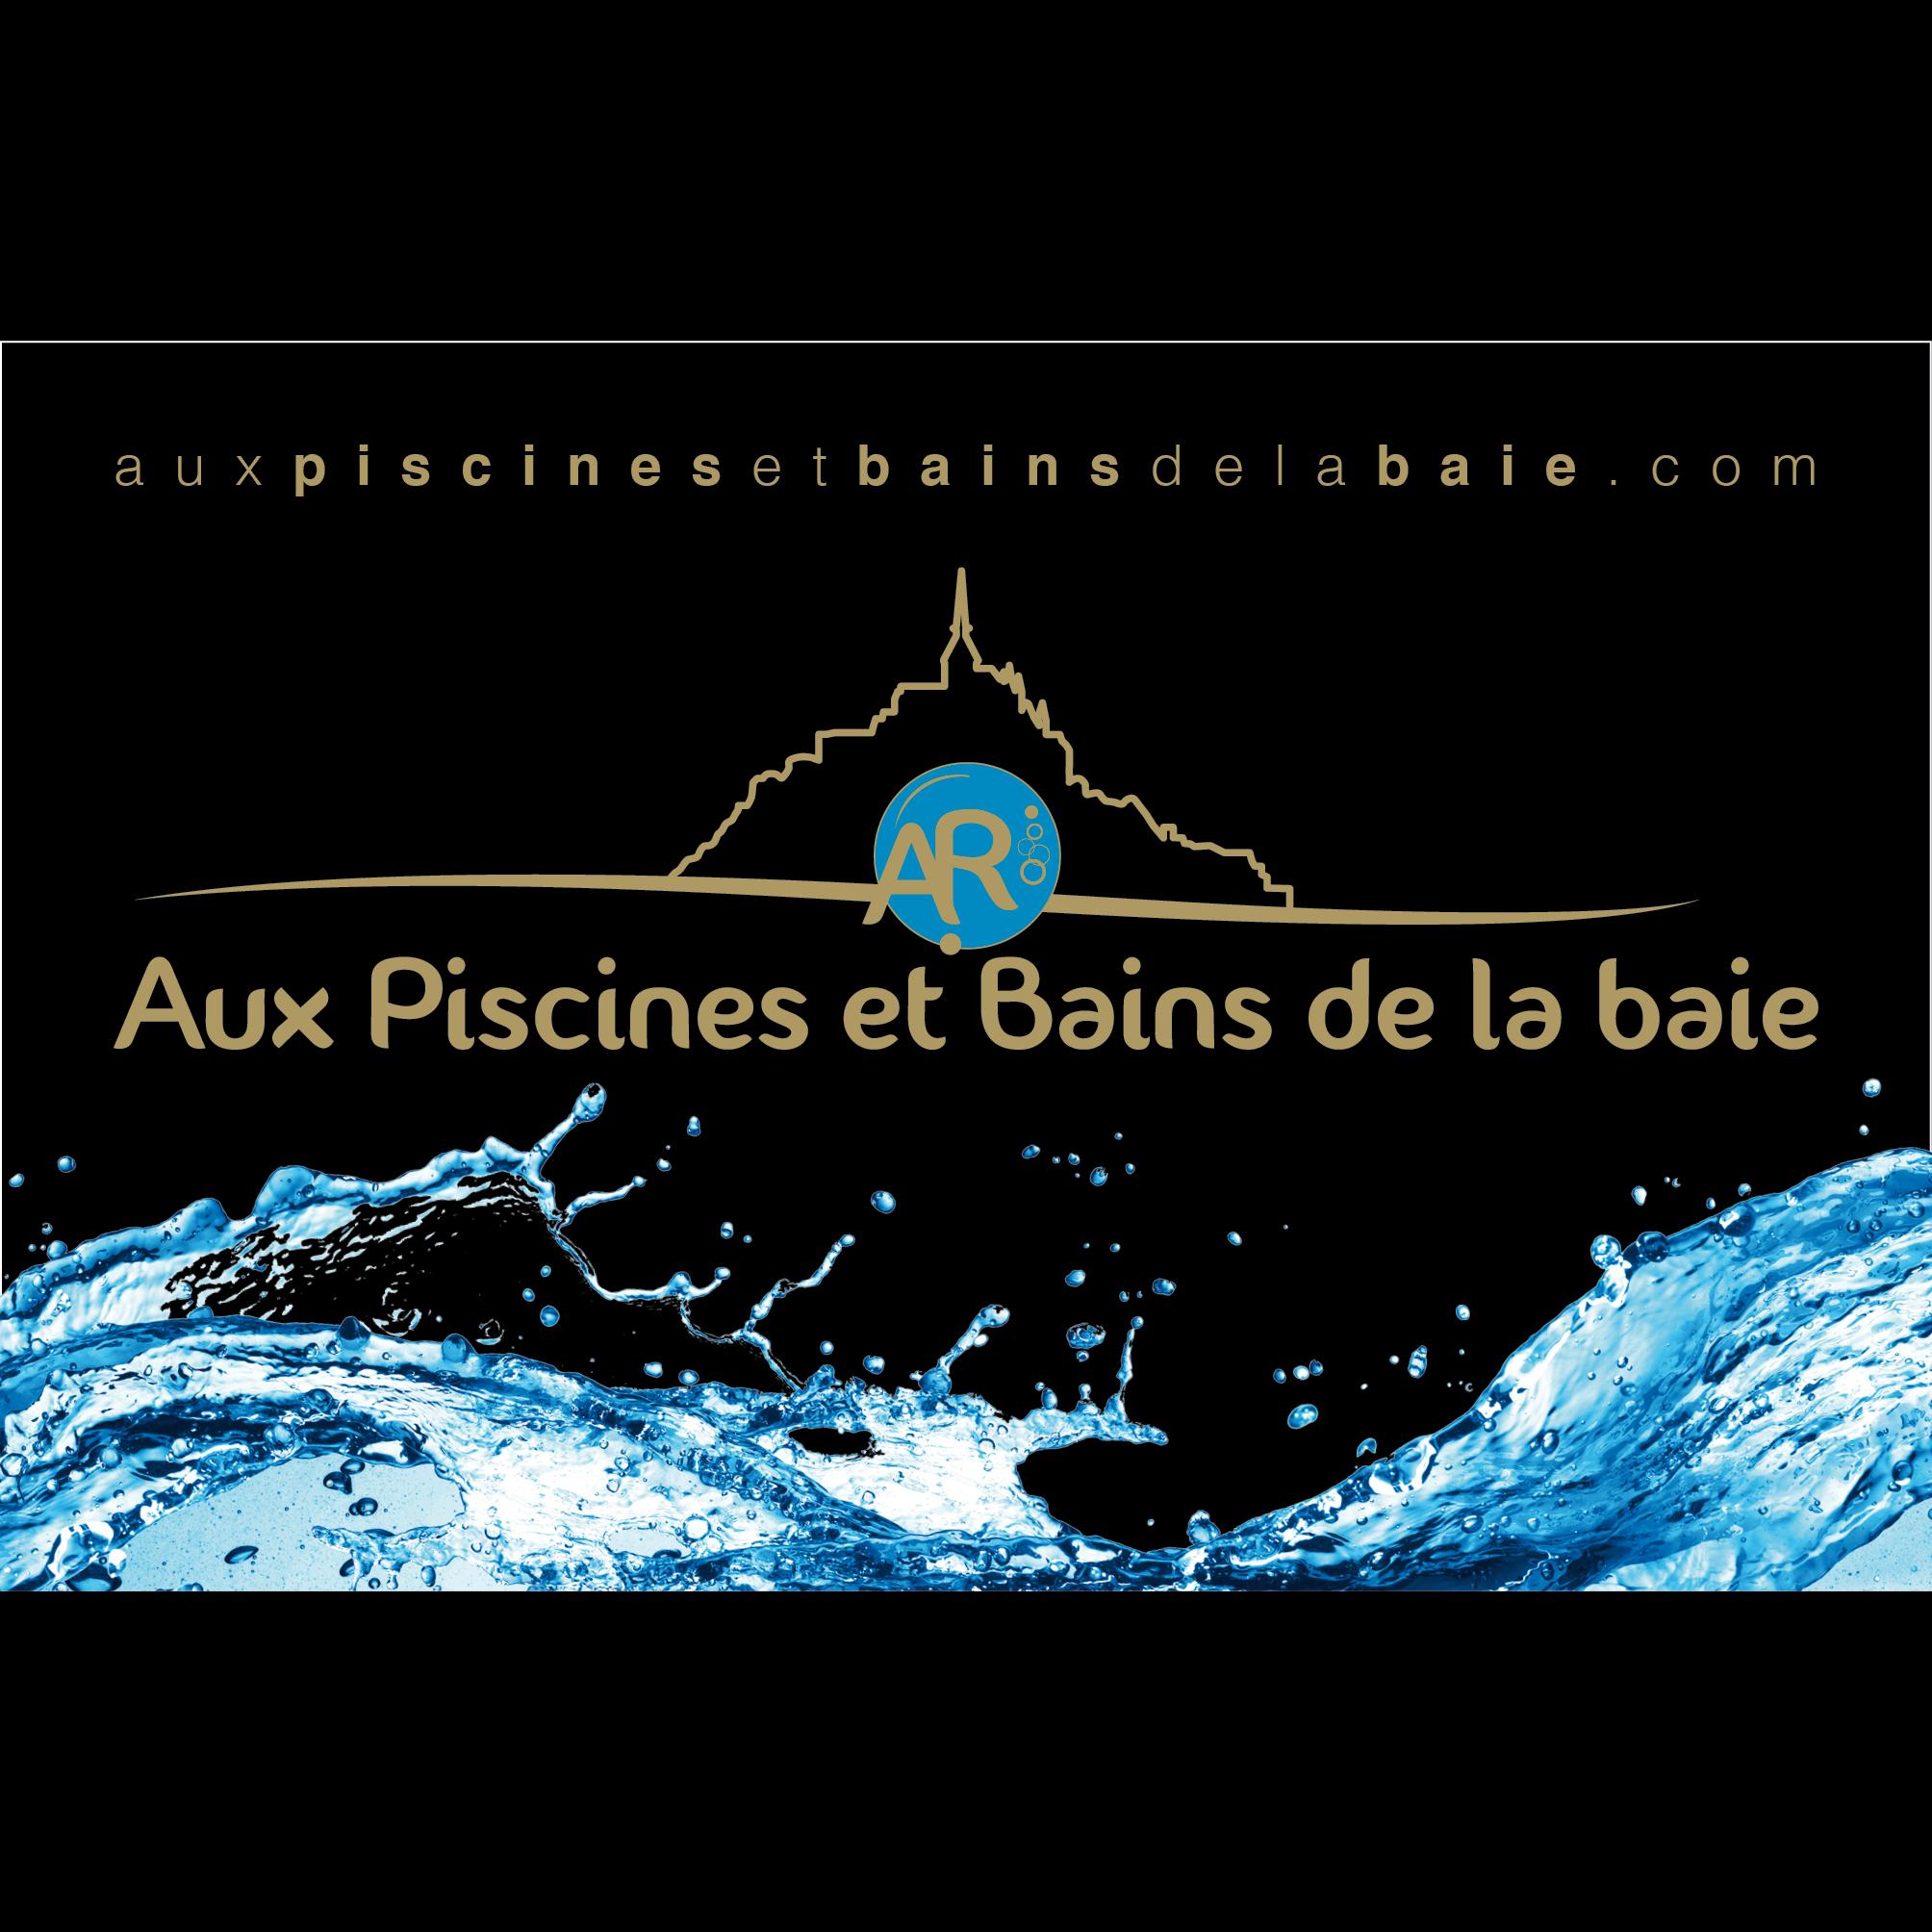 Aux Piscines et Bains de la baie - Carte de visite